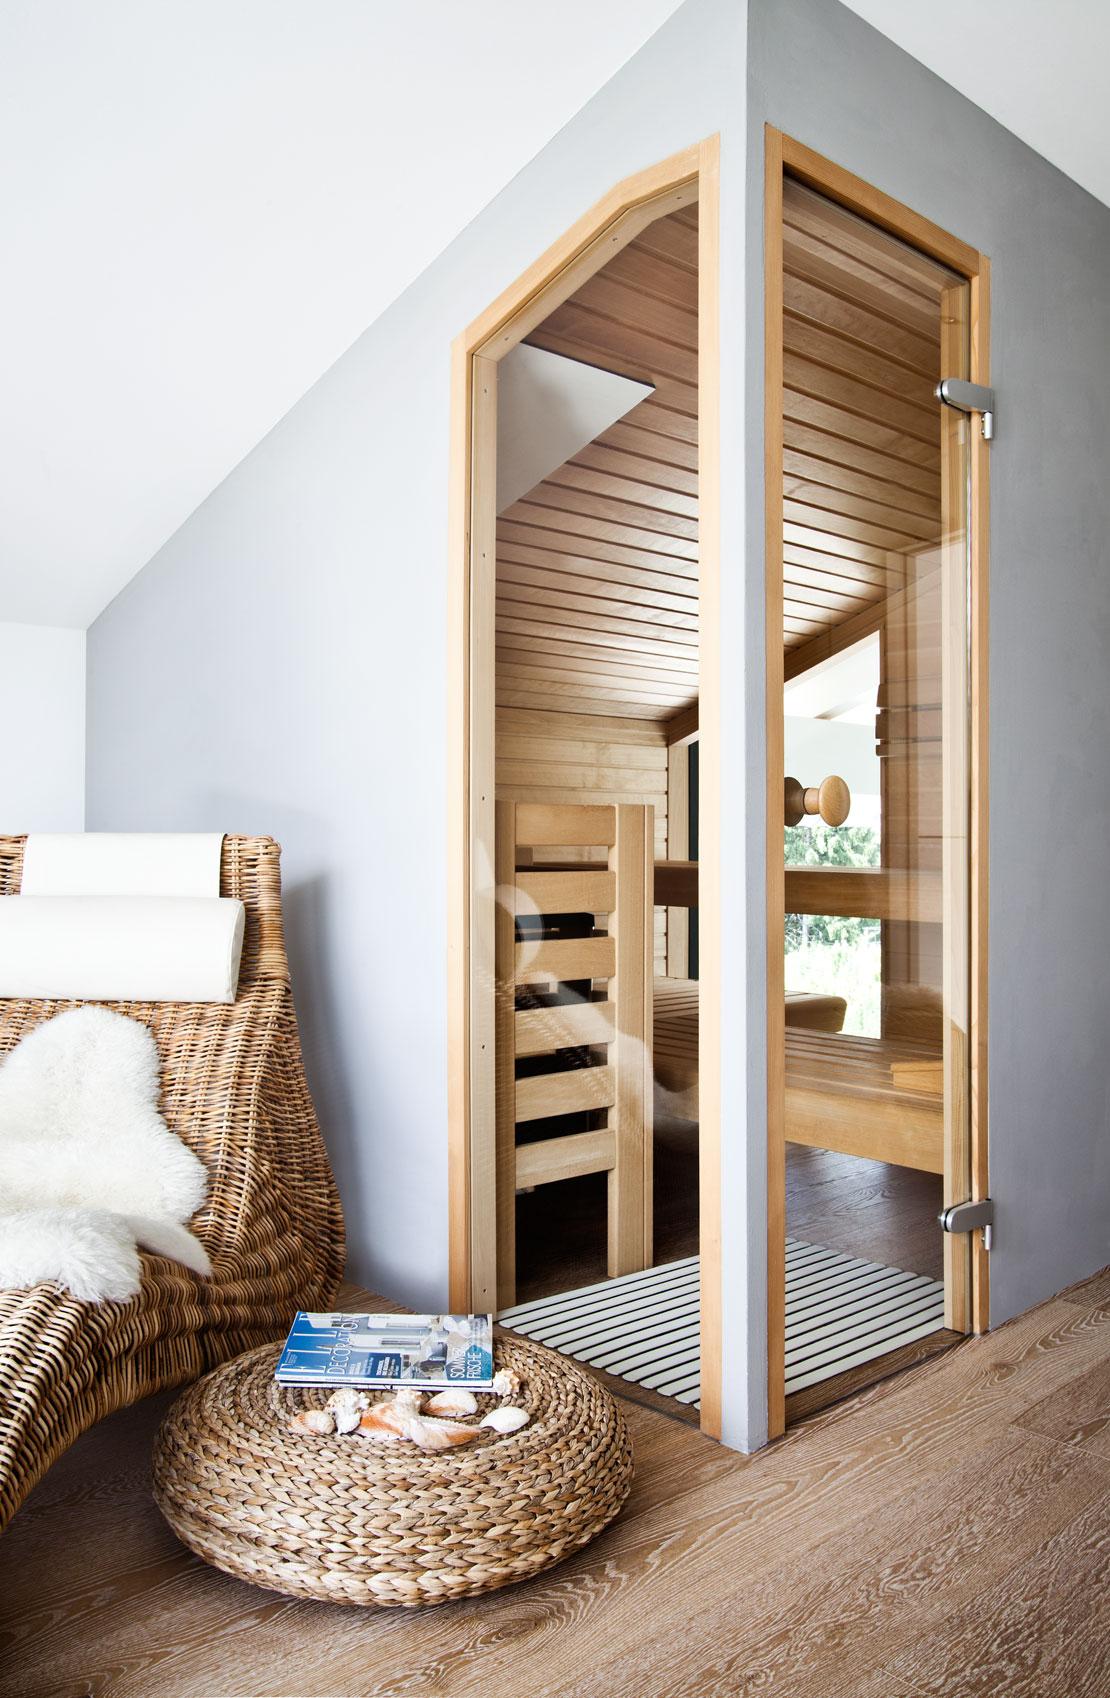 Claudia-horstmann-sauna